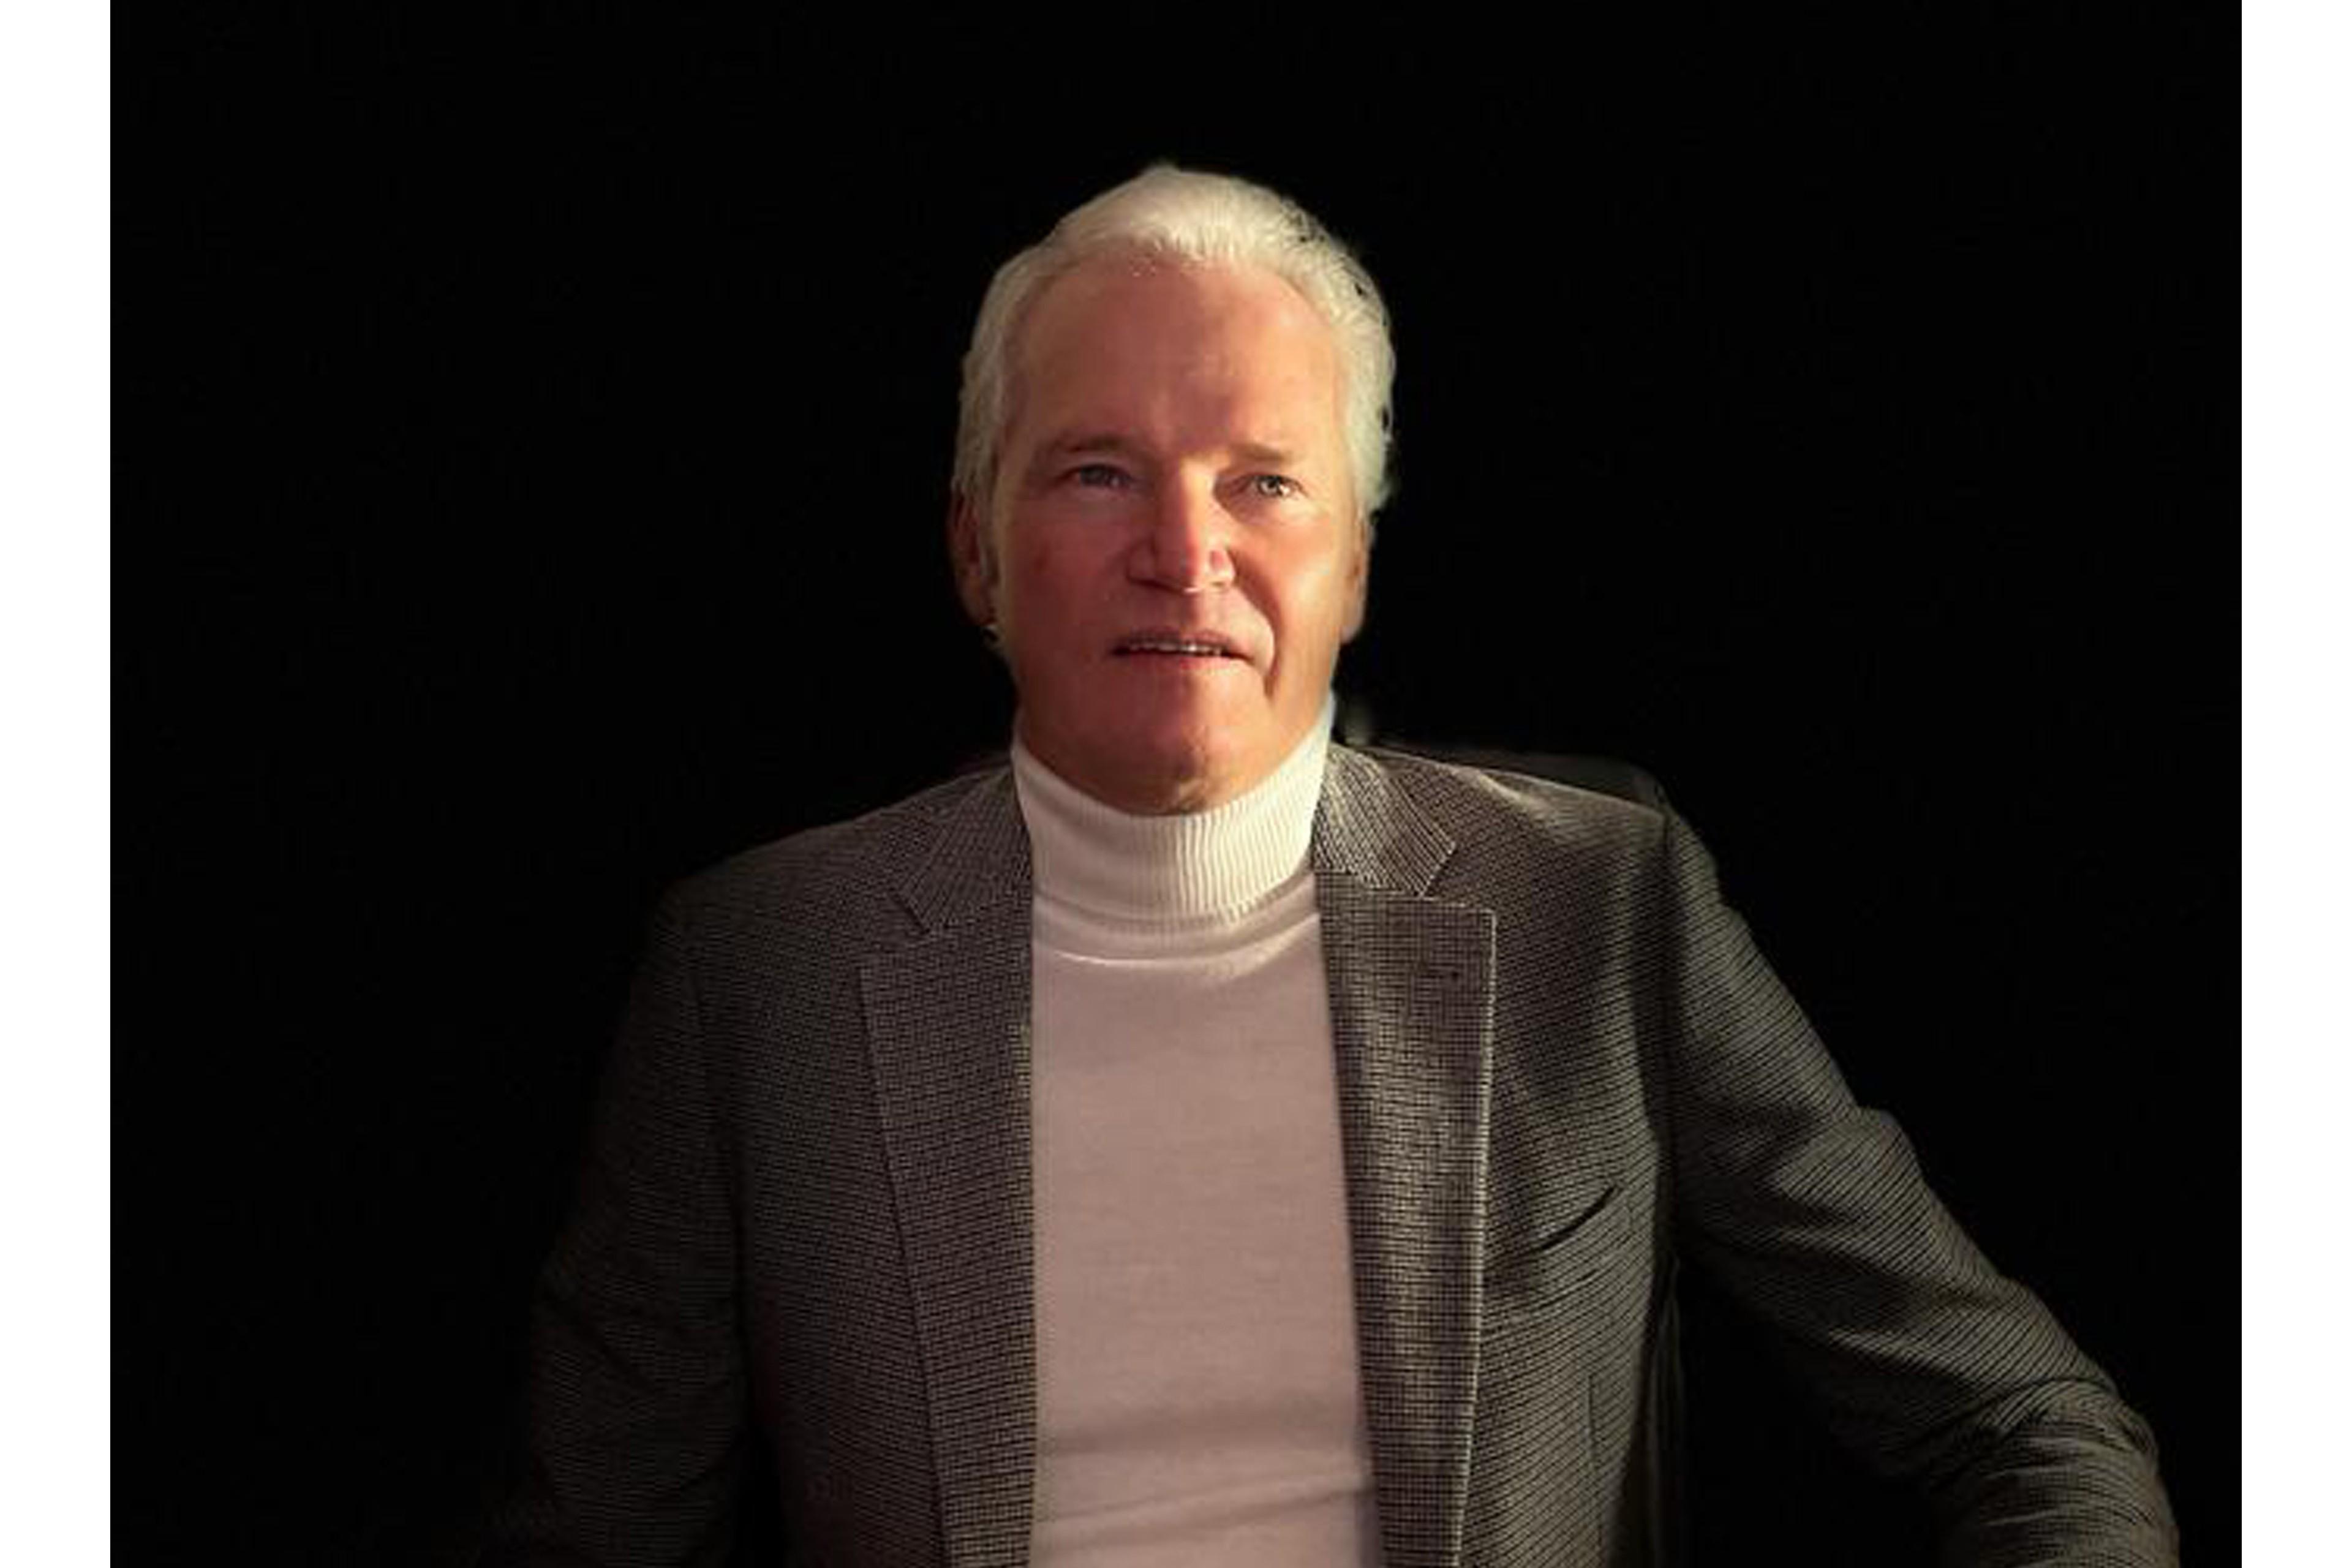 Paul Schouwenaar